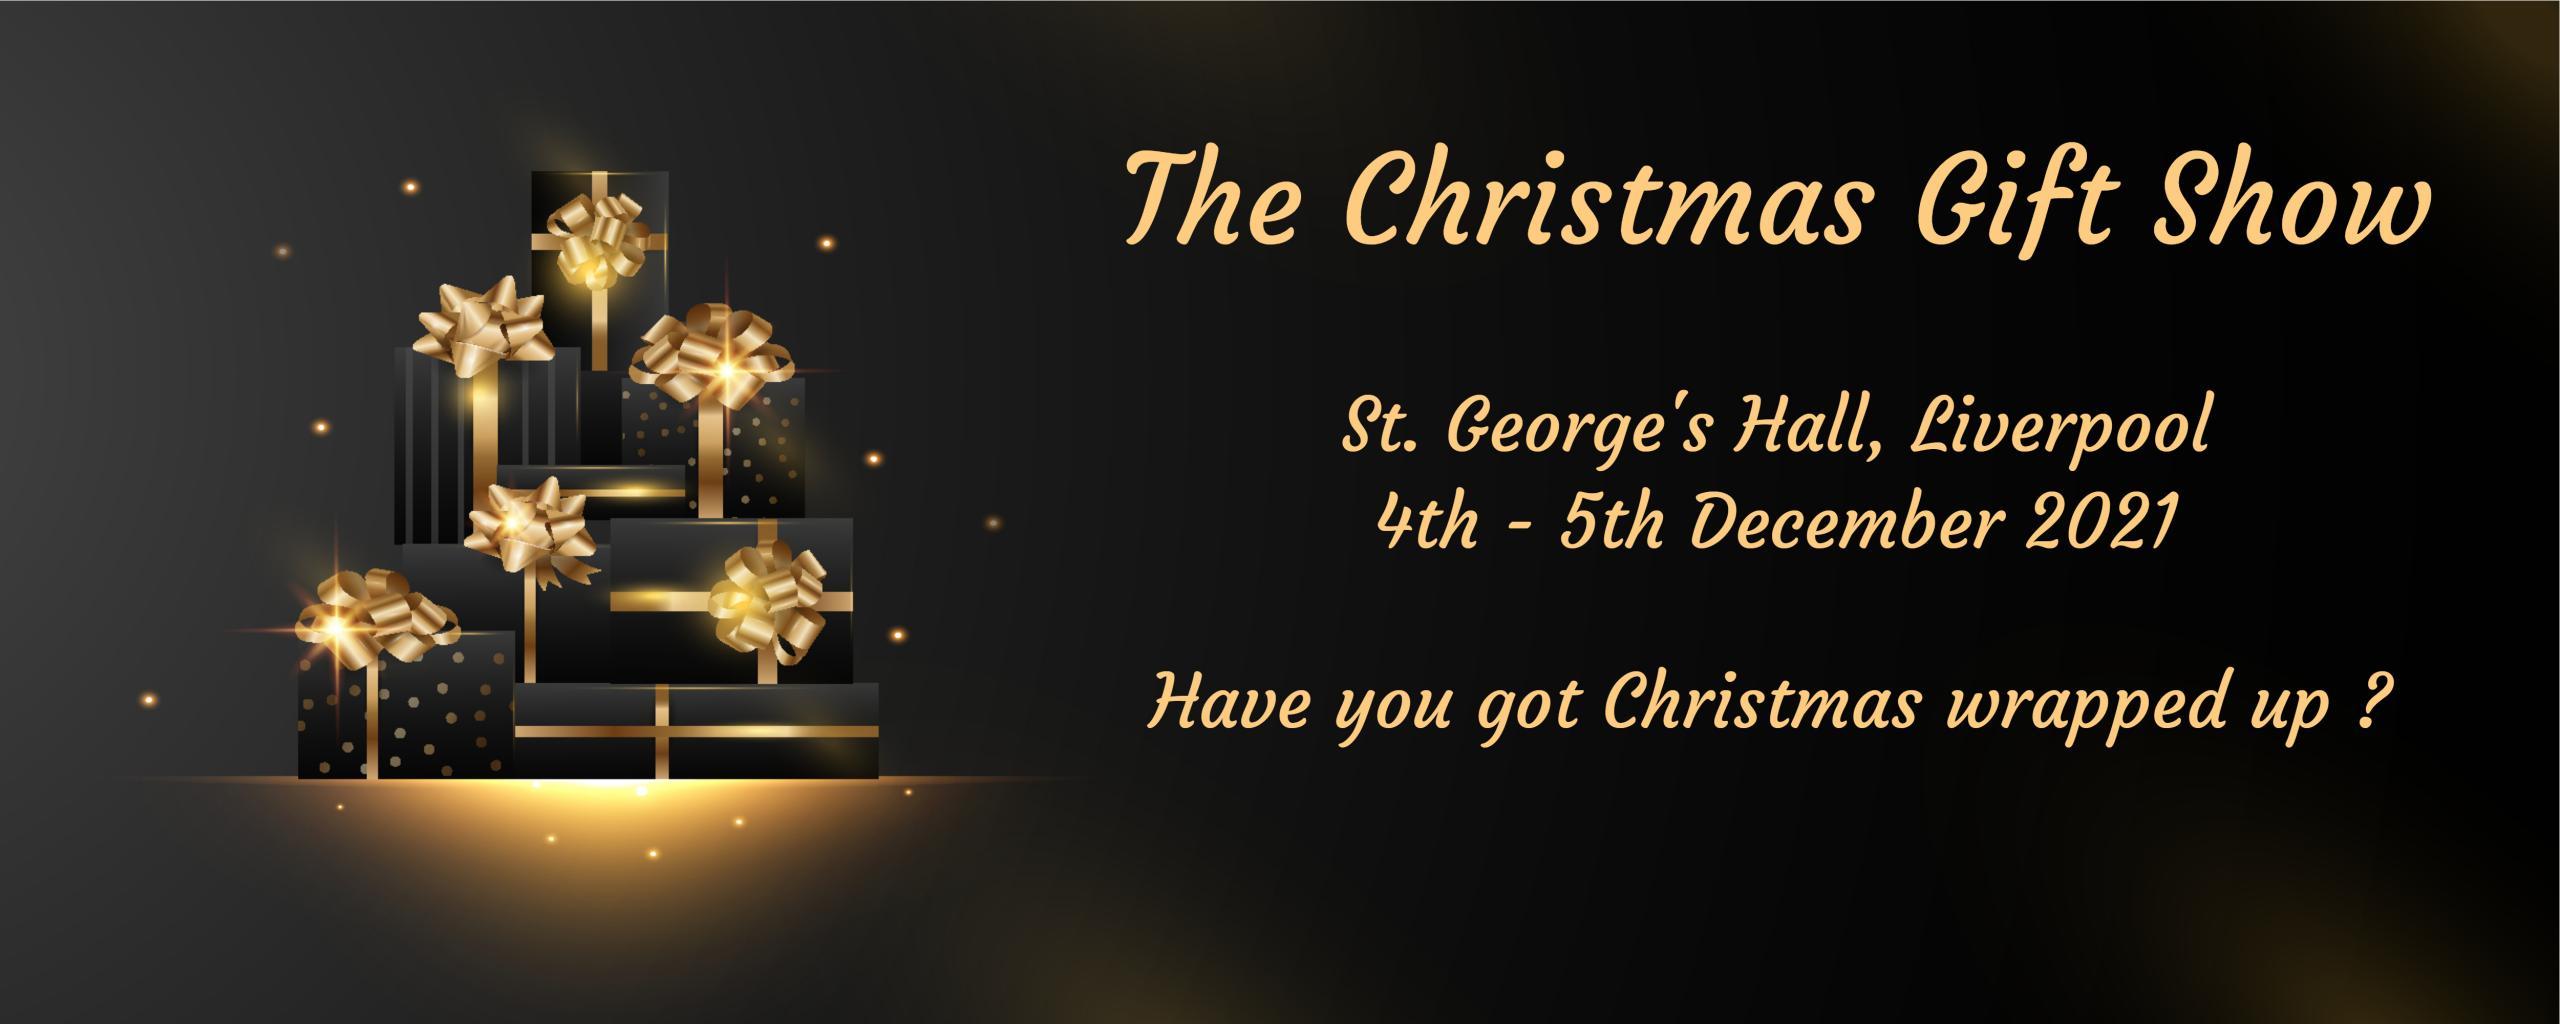 The Christmas Gift Show